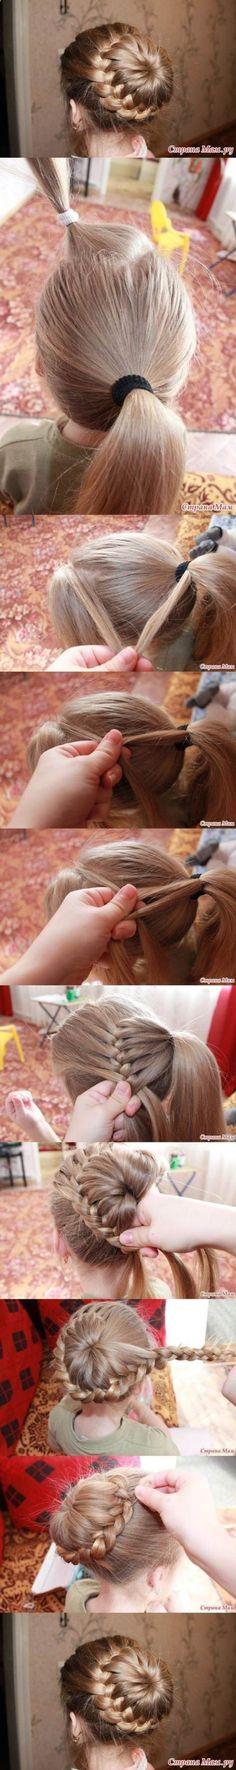 Een onwijze mooie knot, en erg makkelijk om te doen. Even oefenen voor perfectie, maar dan is het ook écht mooi! by batjas88